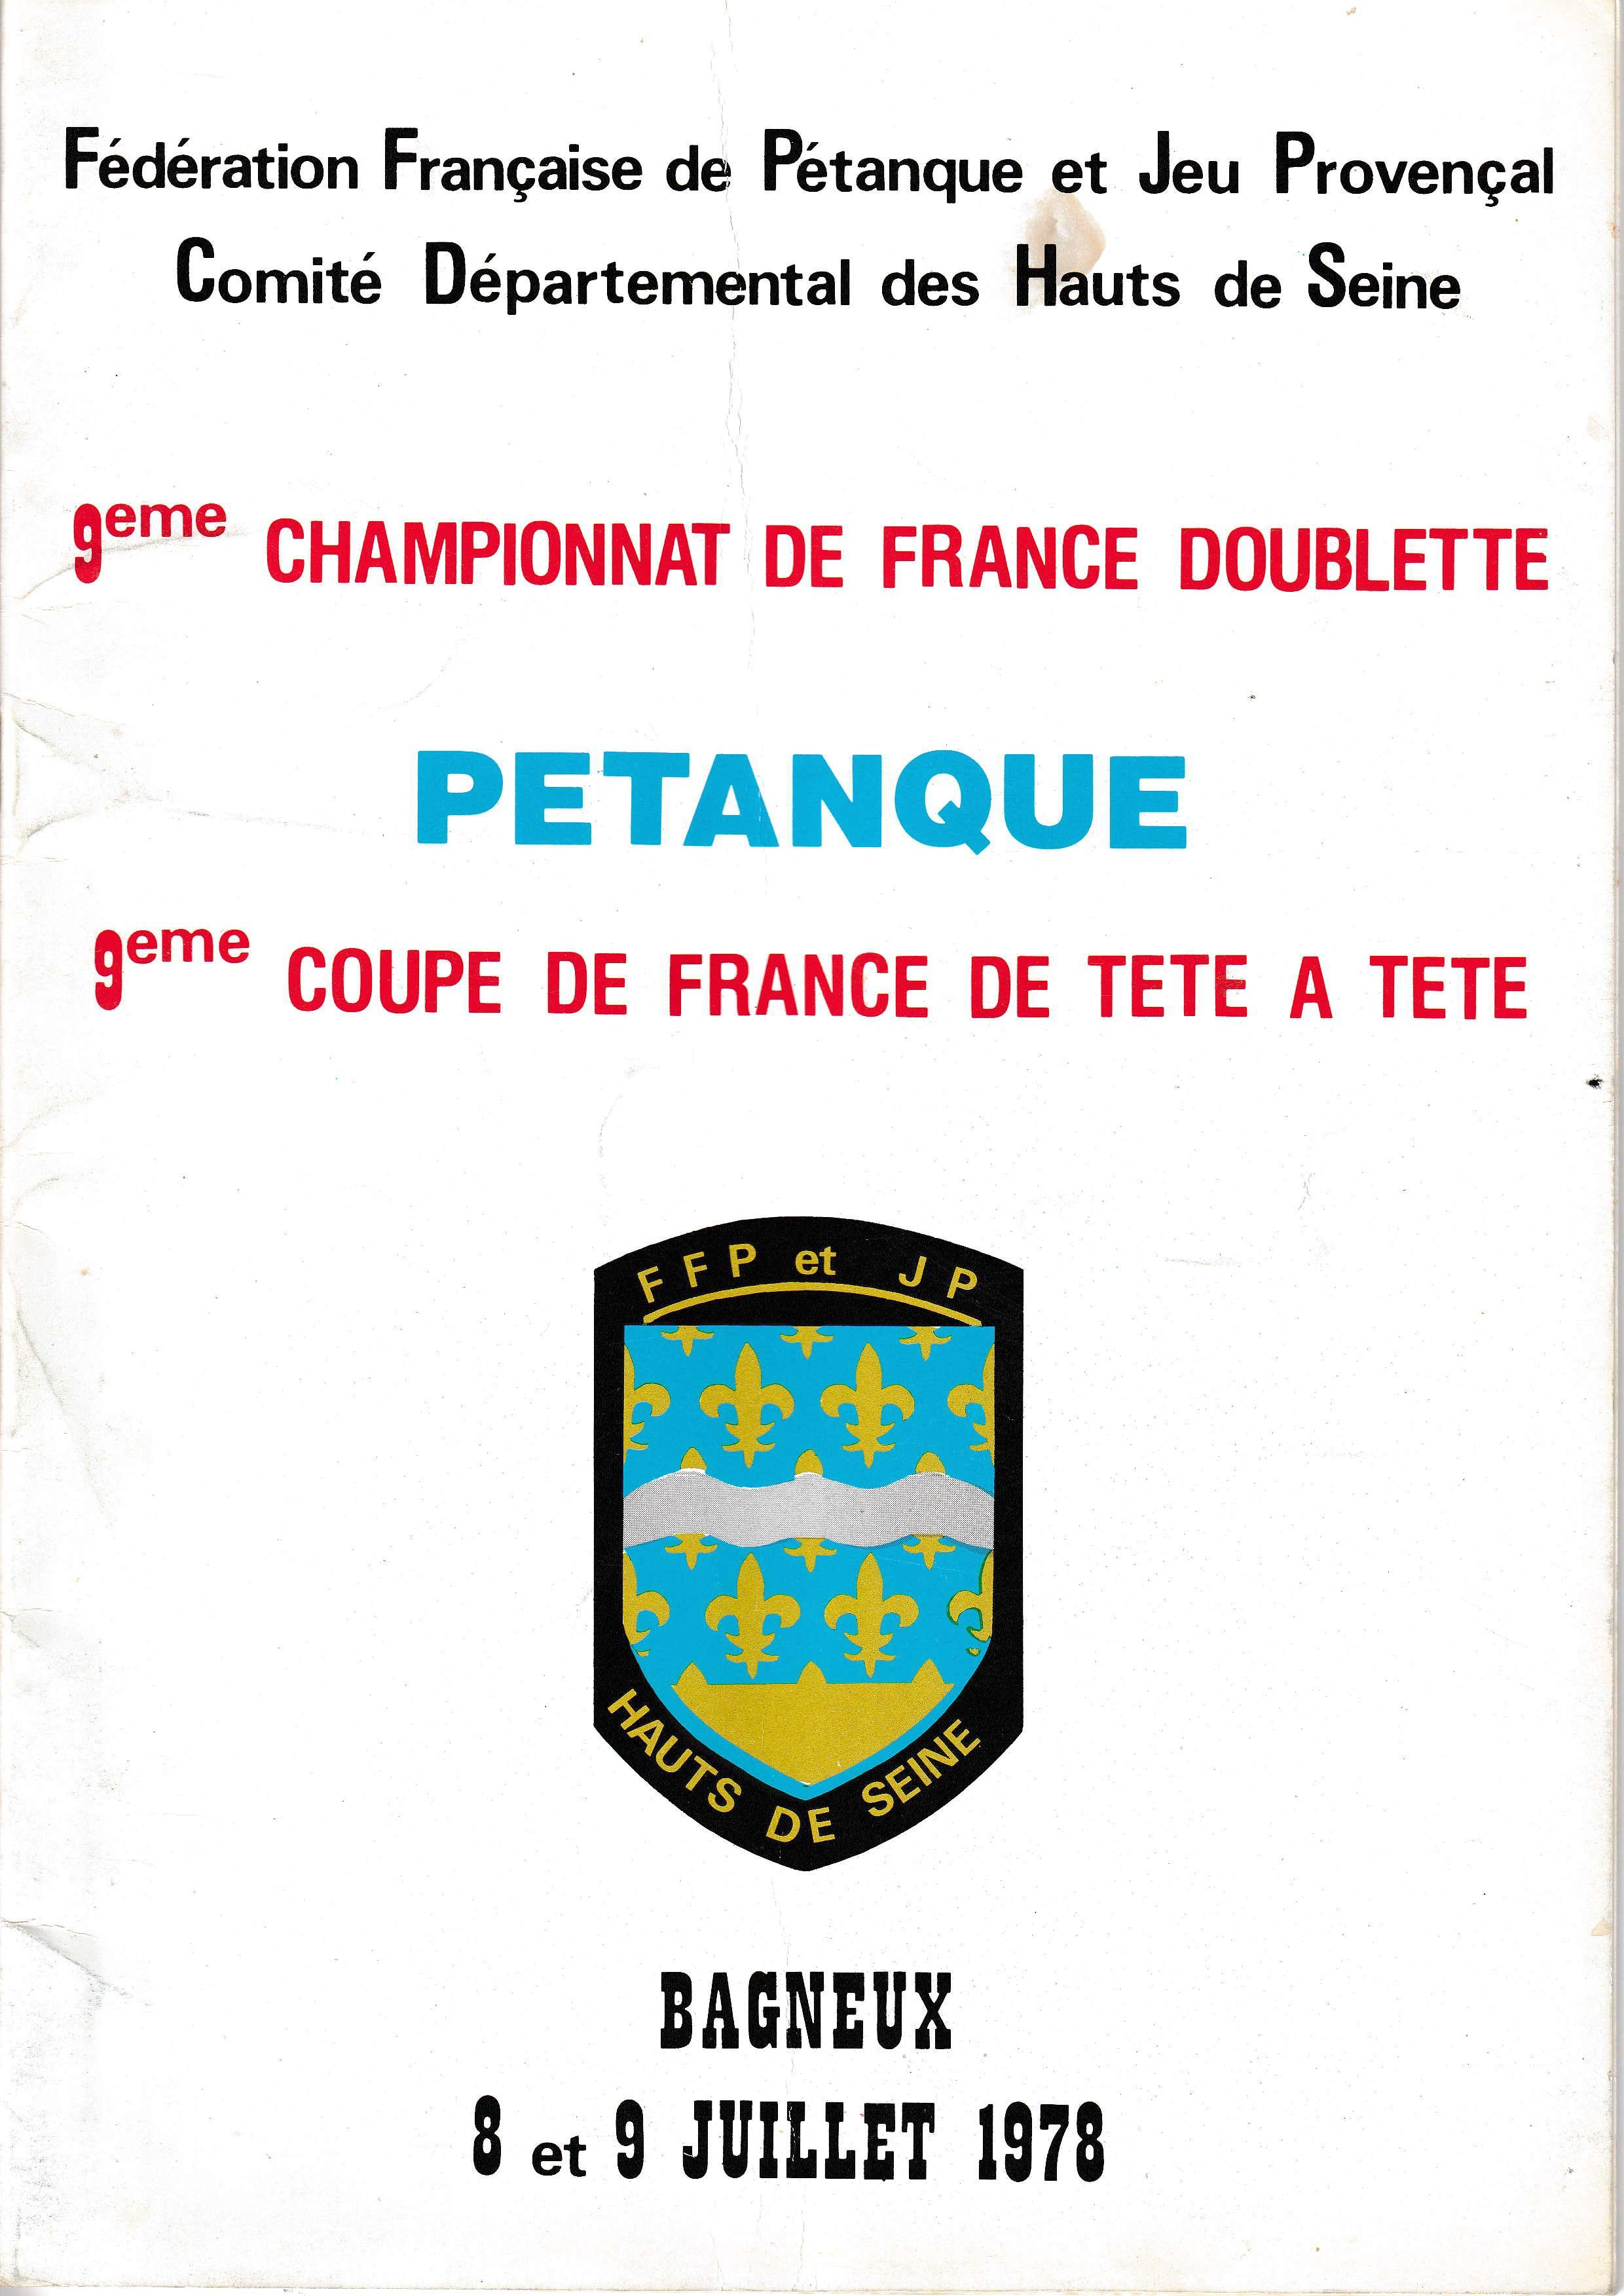 Tous les joueurs qualifiés au Championnat de France individuel de 1966 à 2018